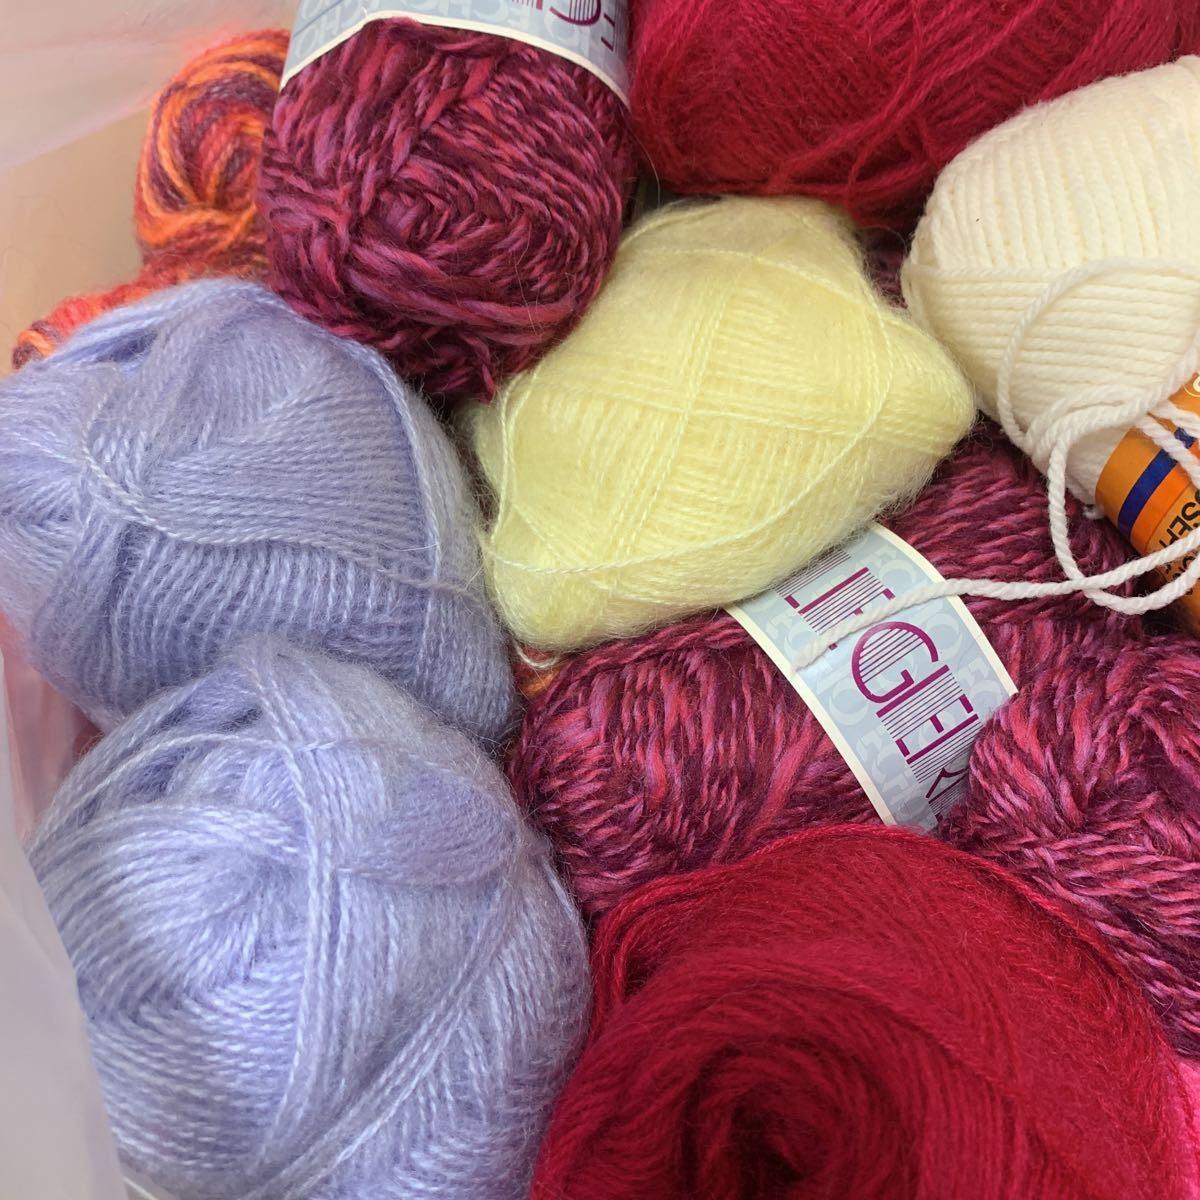 送料込!140サイズ!毛糸 まとめて まとめ売り 大量 編み針 かぎ針 ジャンク品 経年保管品 中古 編み物 手編み _画像8